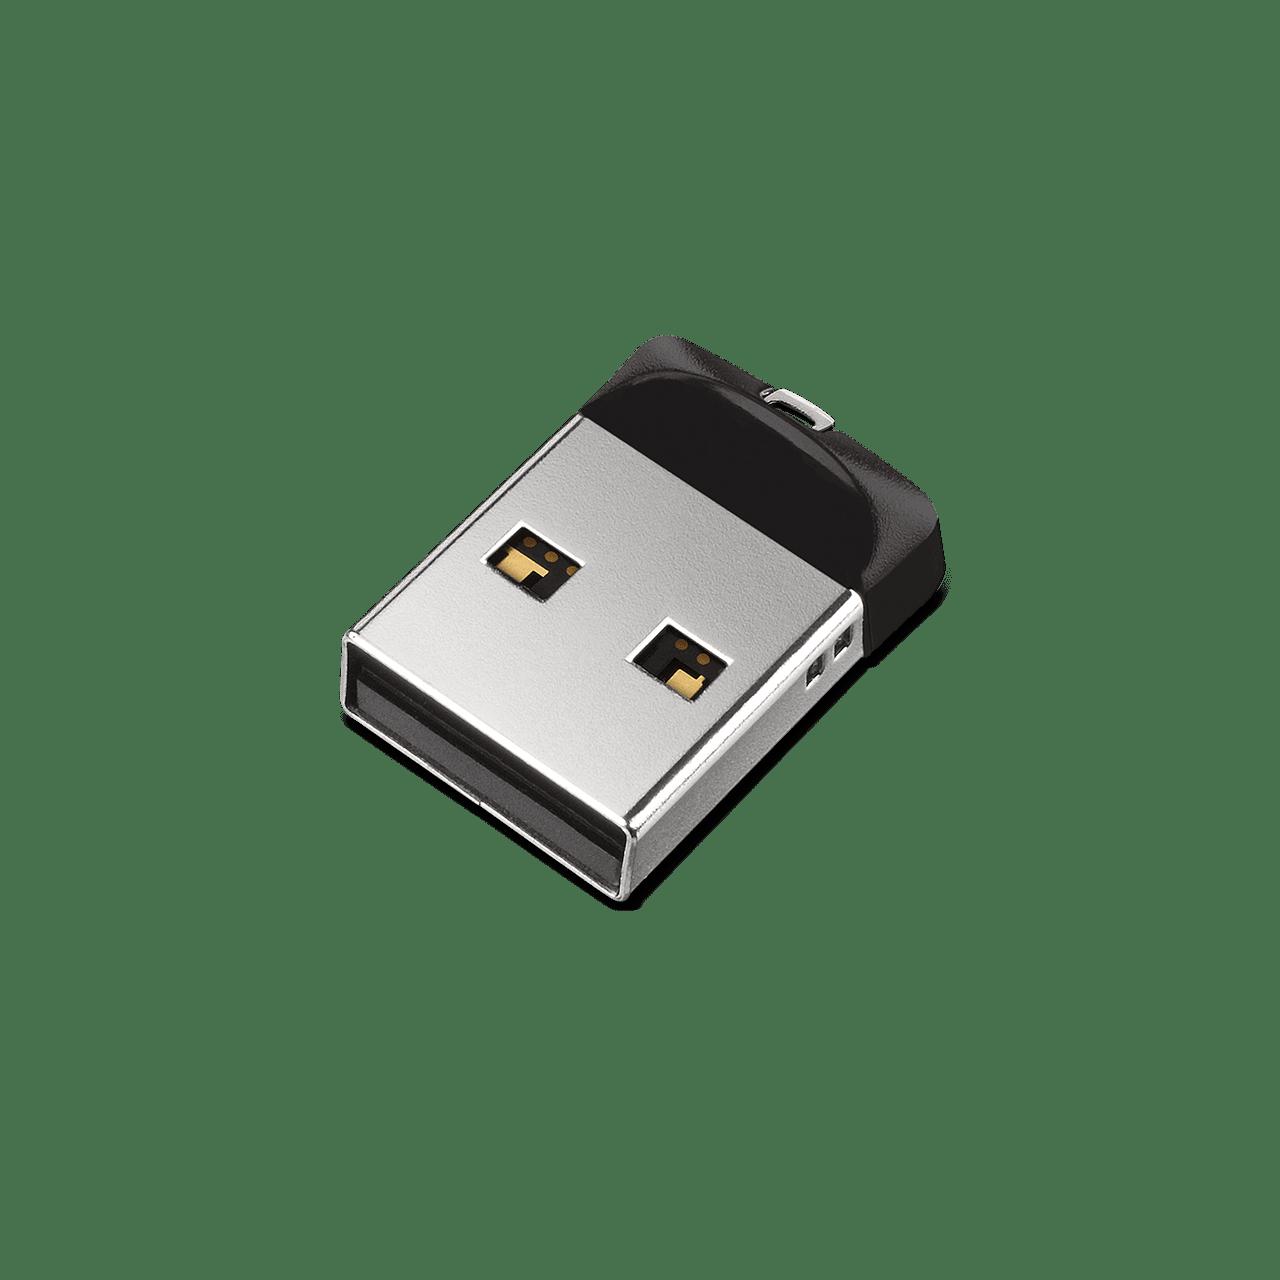 PEN DRIVE 32GB USB SANDISK CRUZER FIT